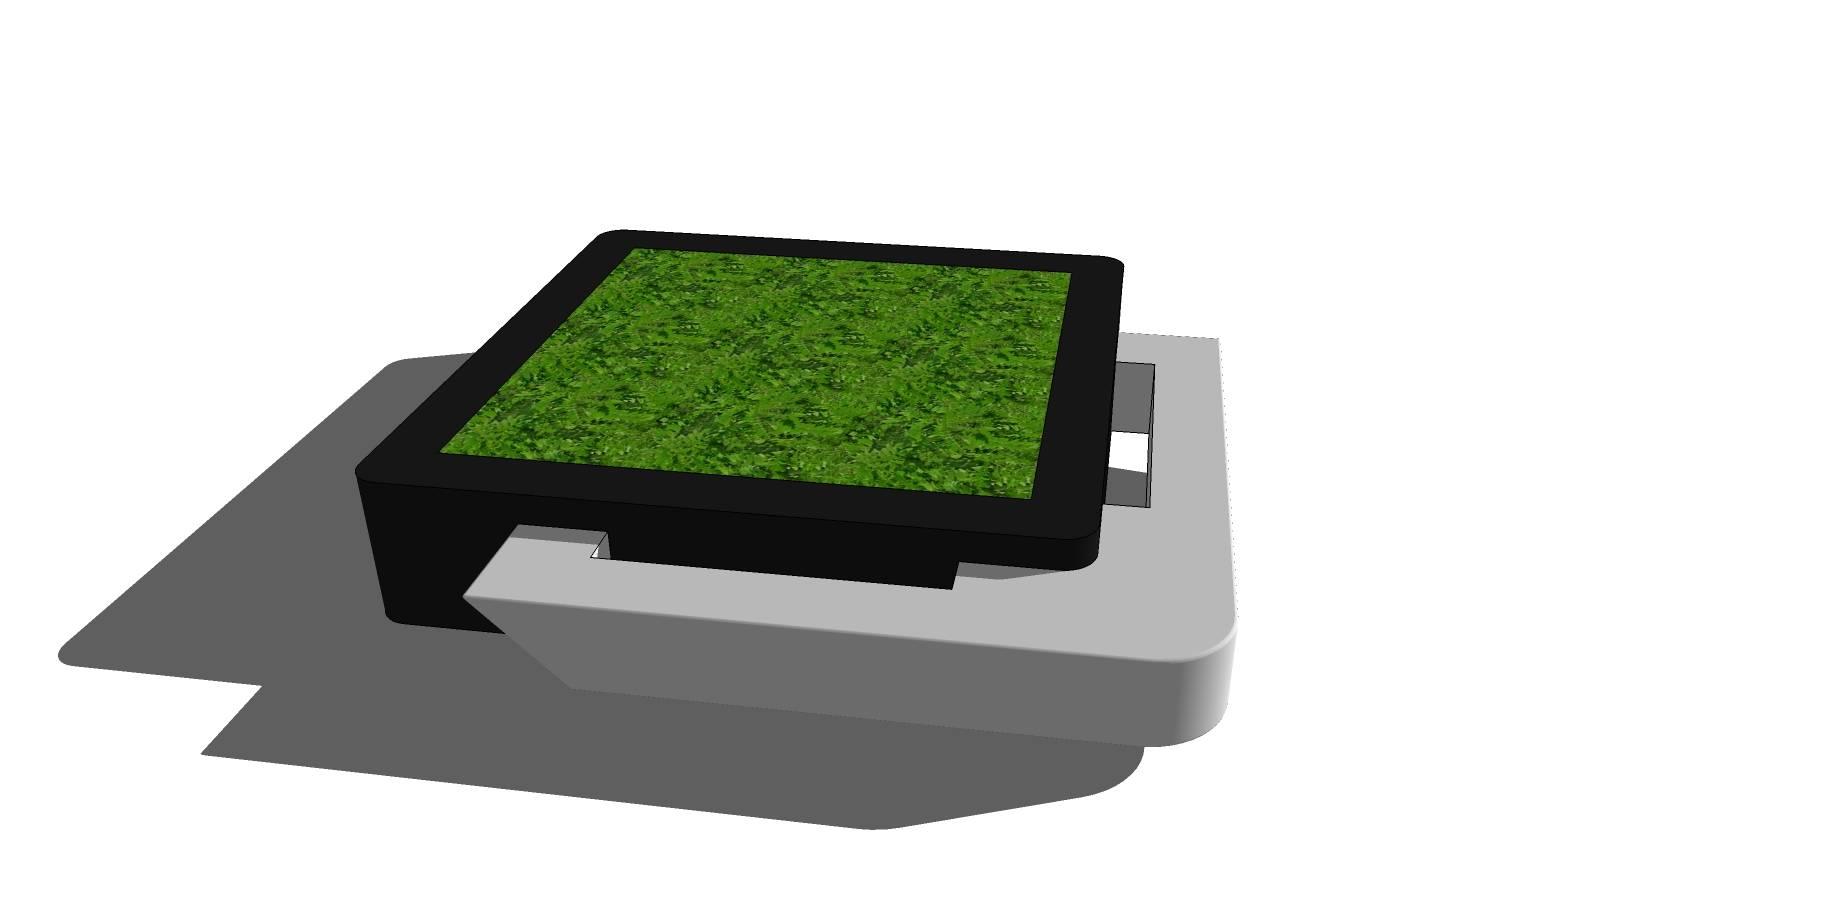 不规则组合种植池坐凳sketchup模型素材